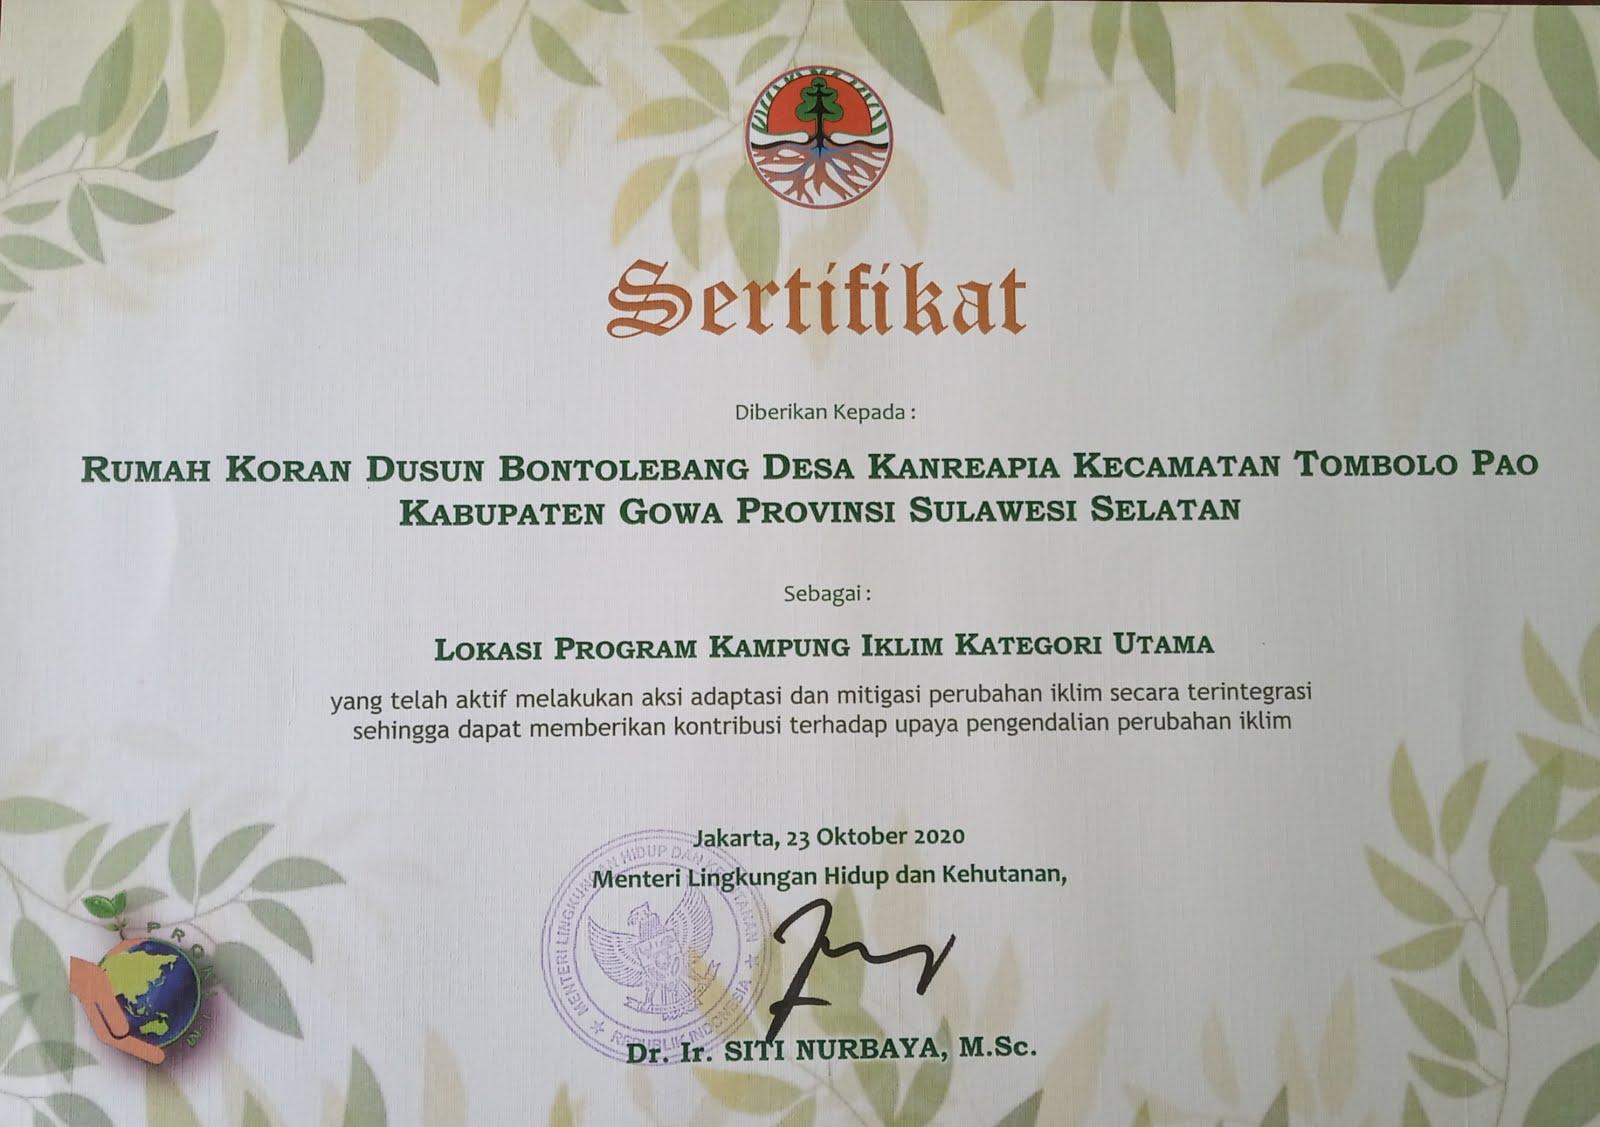 Penghargaan KAMPUNG IKLIM